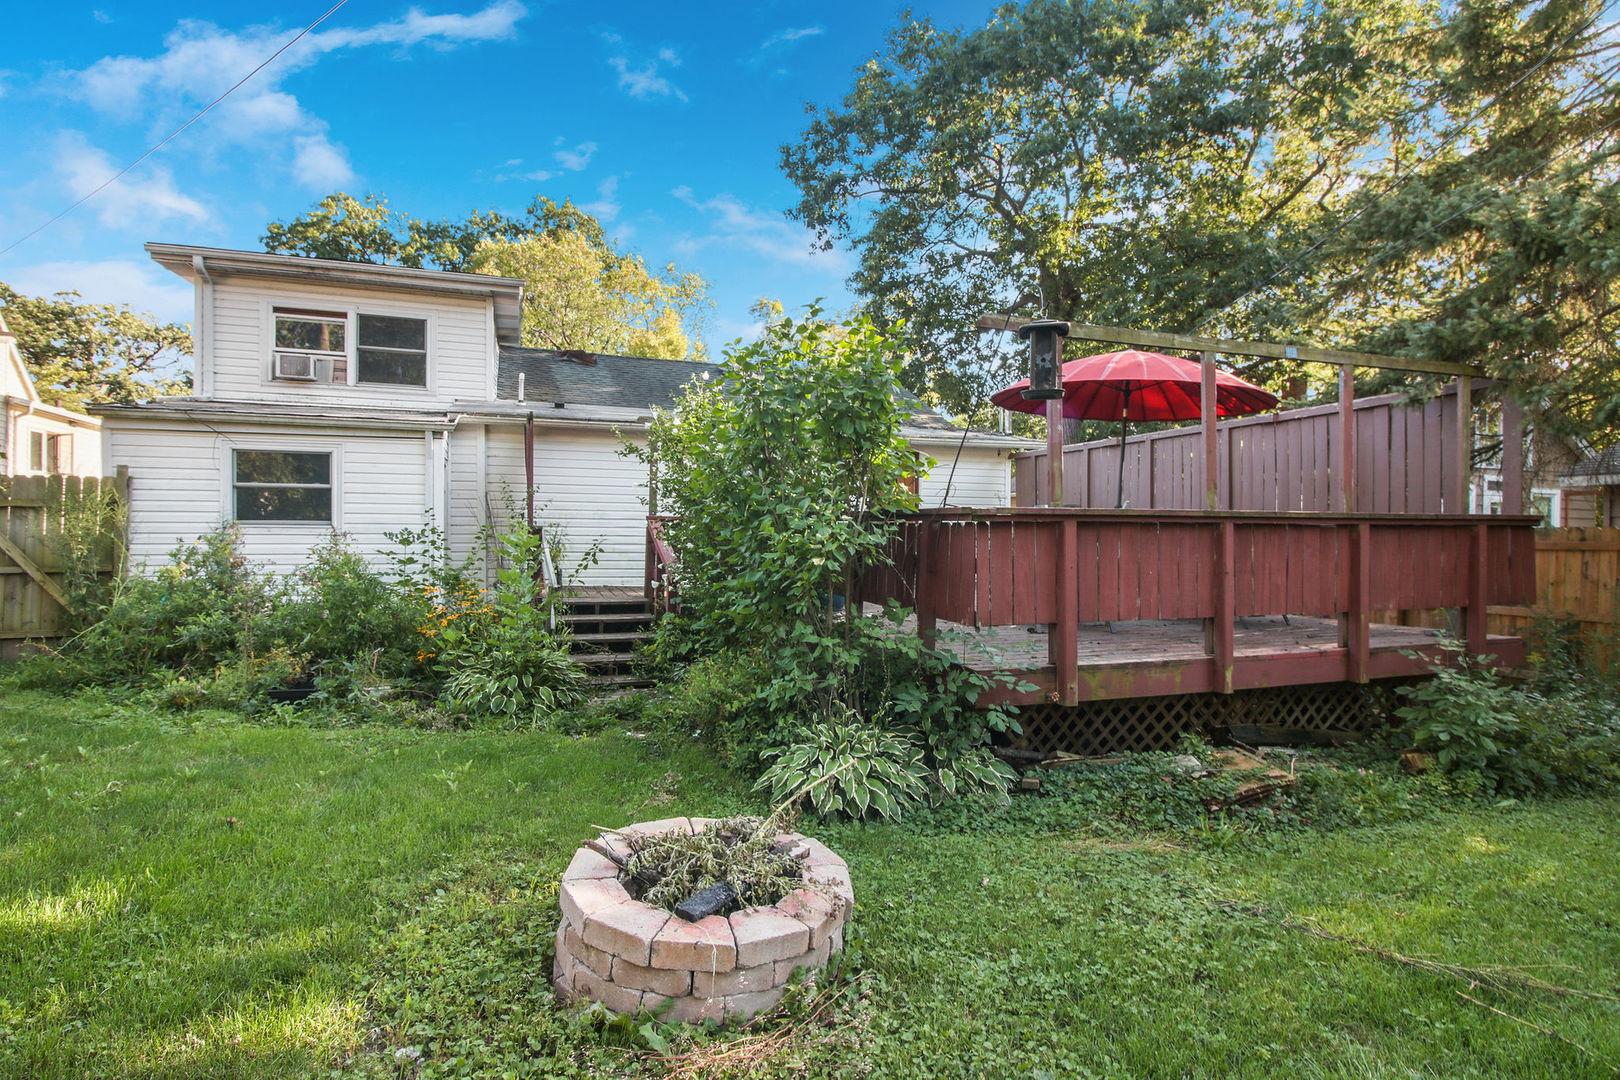 18638 West Wright, Grayslake, Illinois, 60030